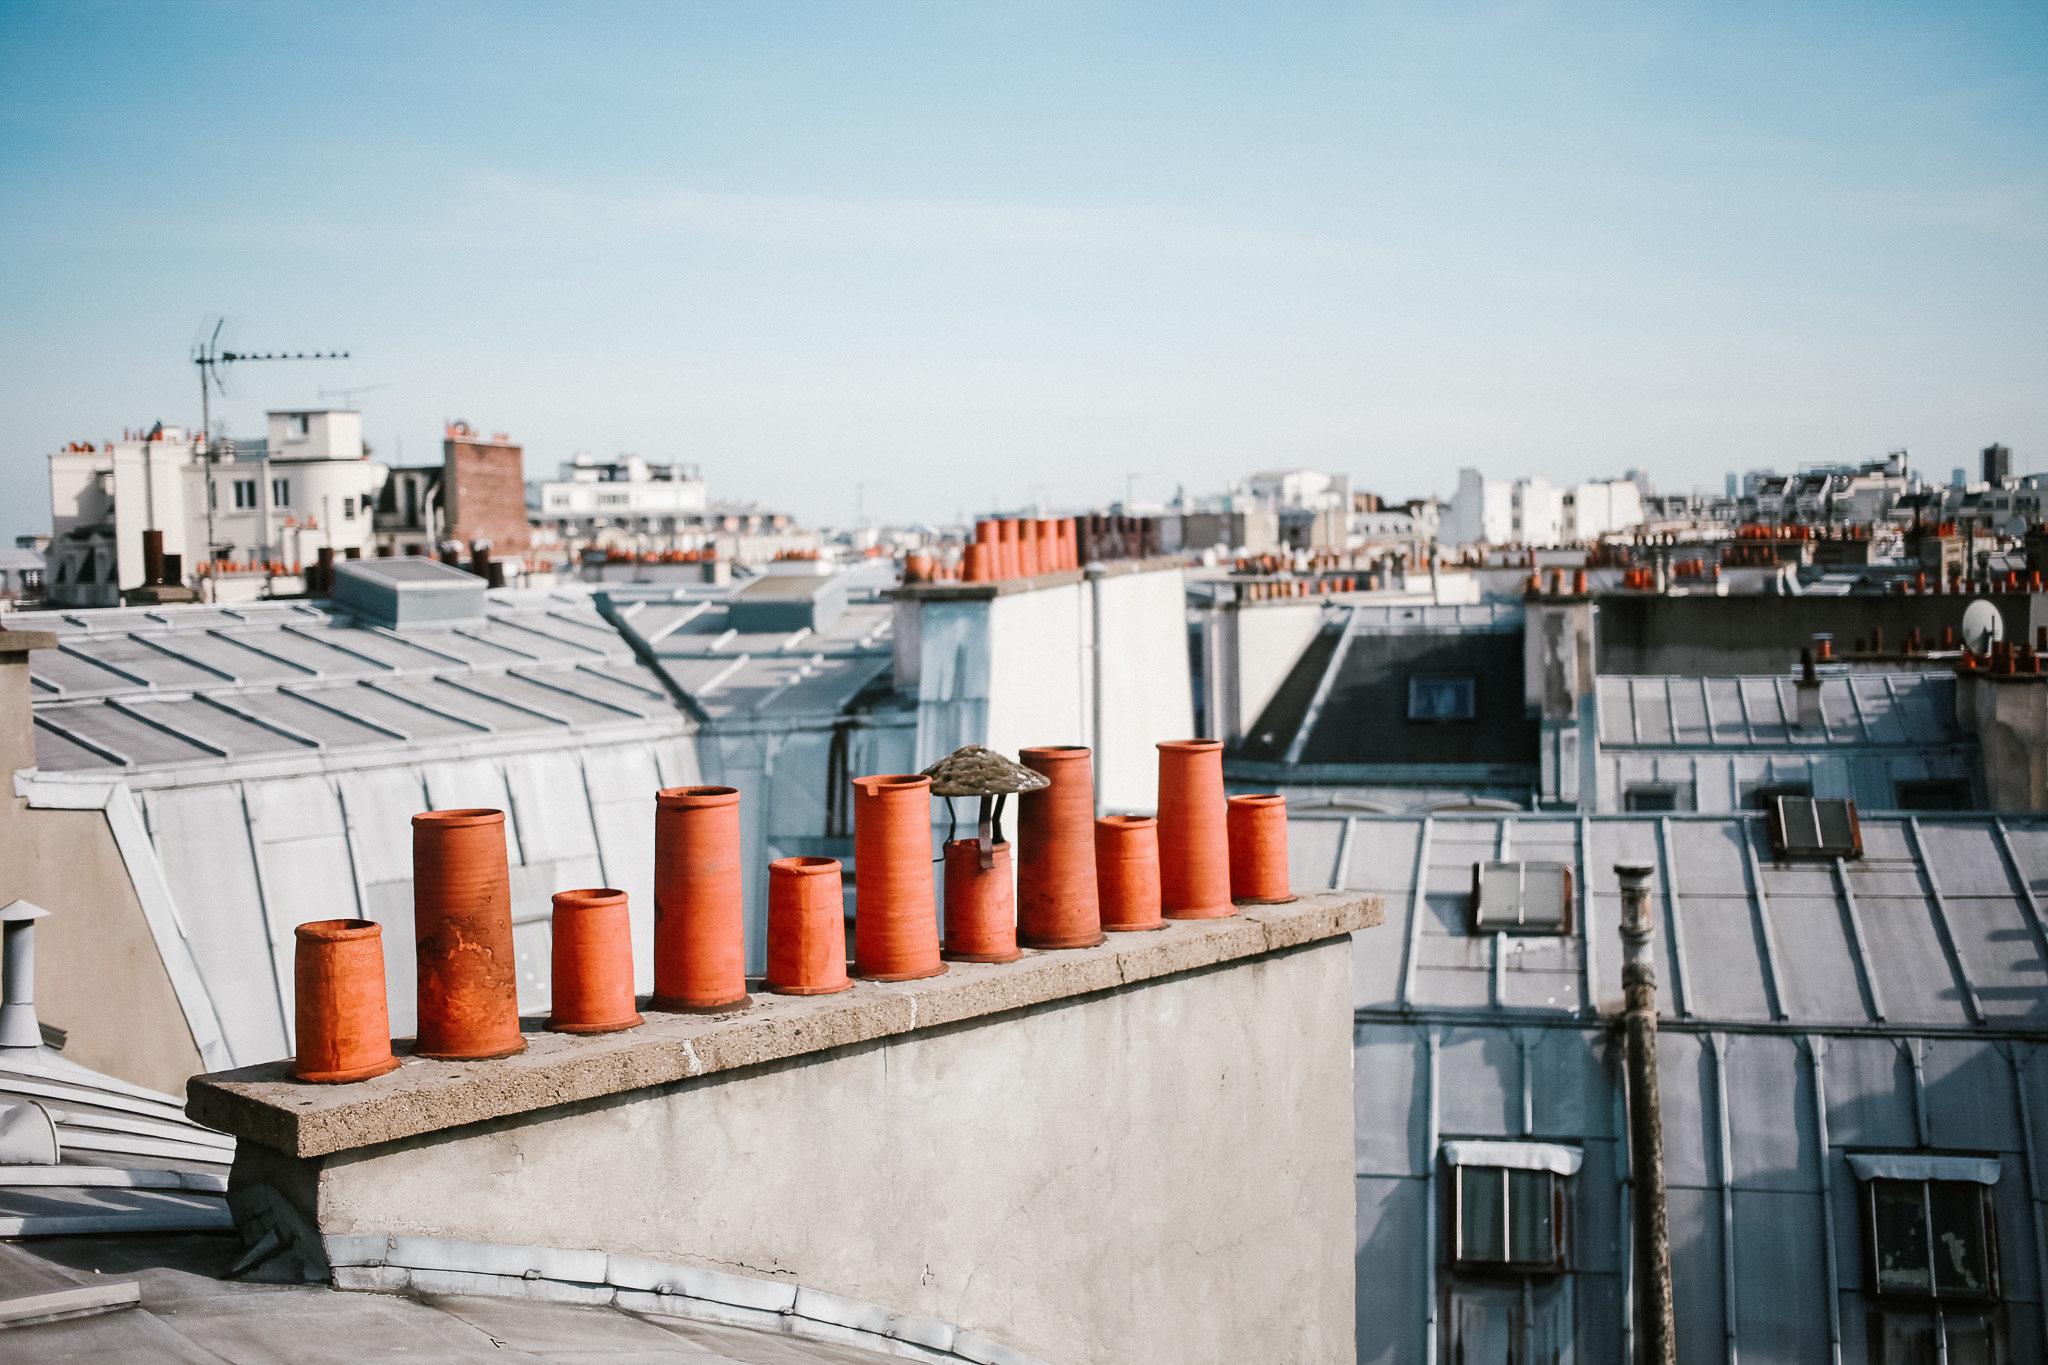 Paryskie dachy